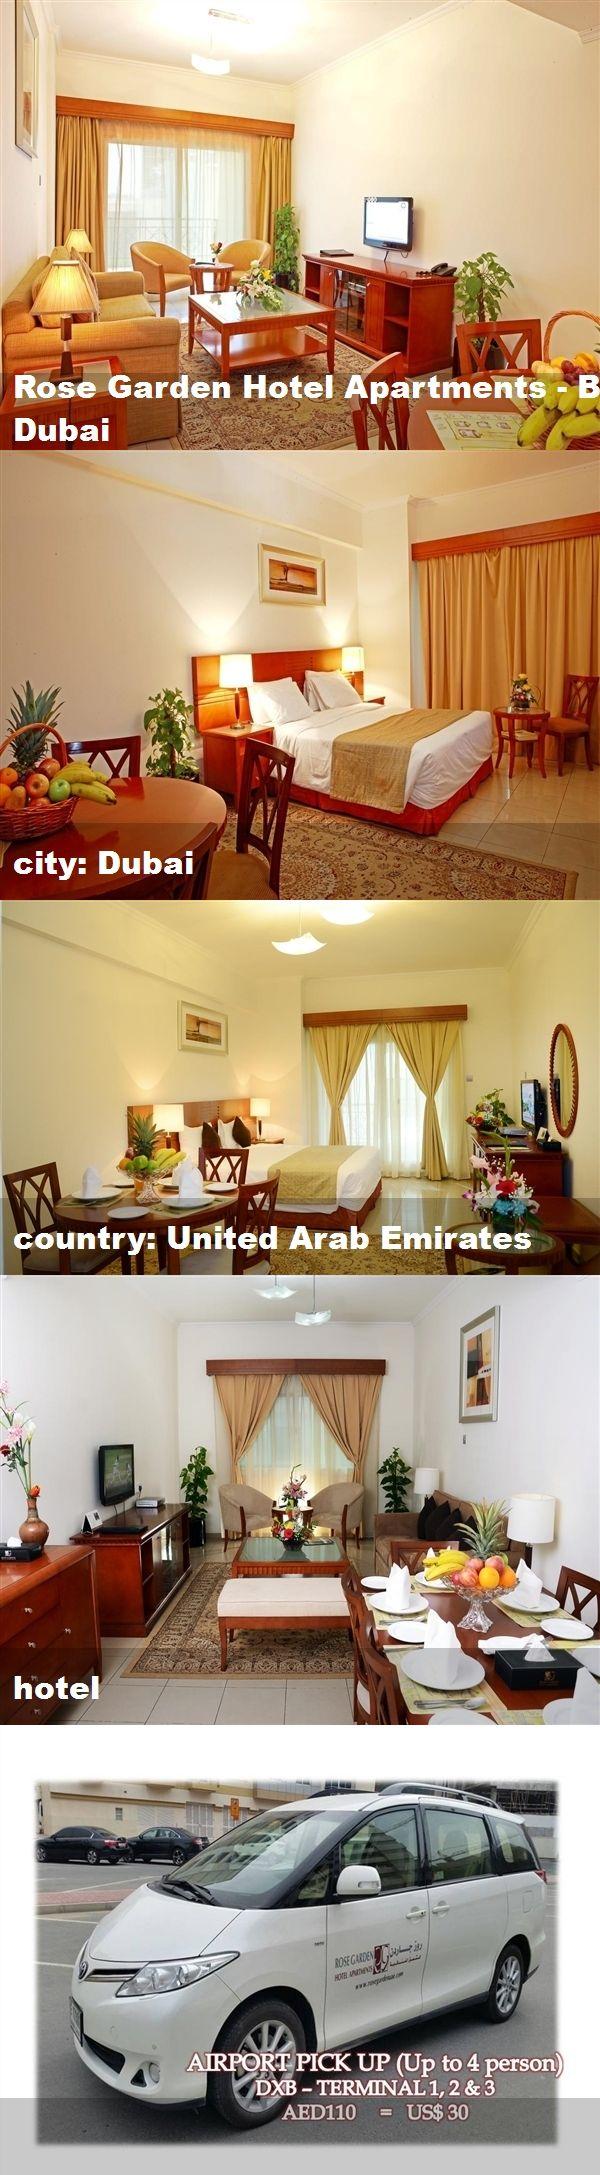 Rose Garden Hotel Apartments Bur Dubai City Dubai Country